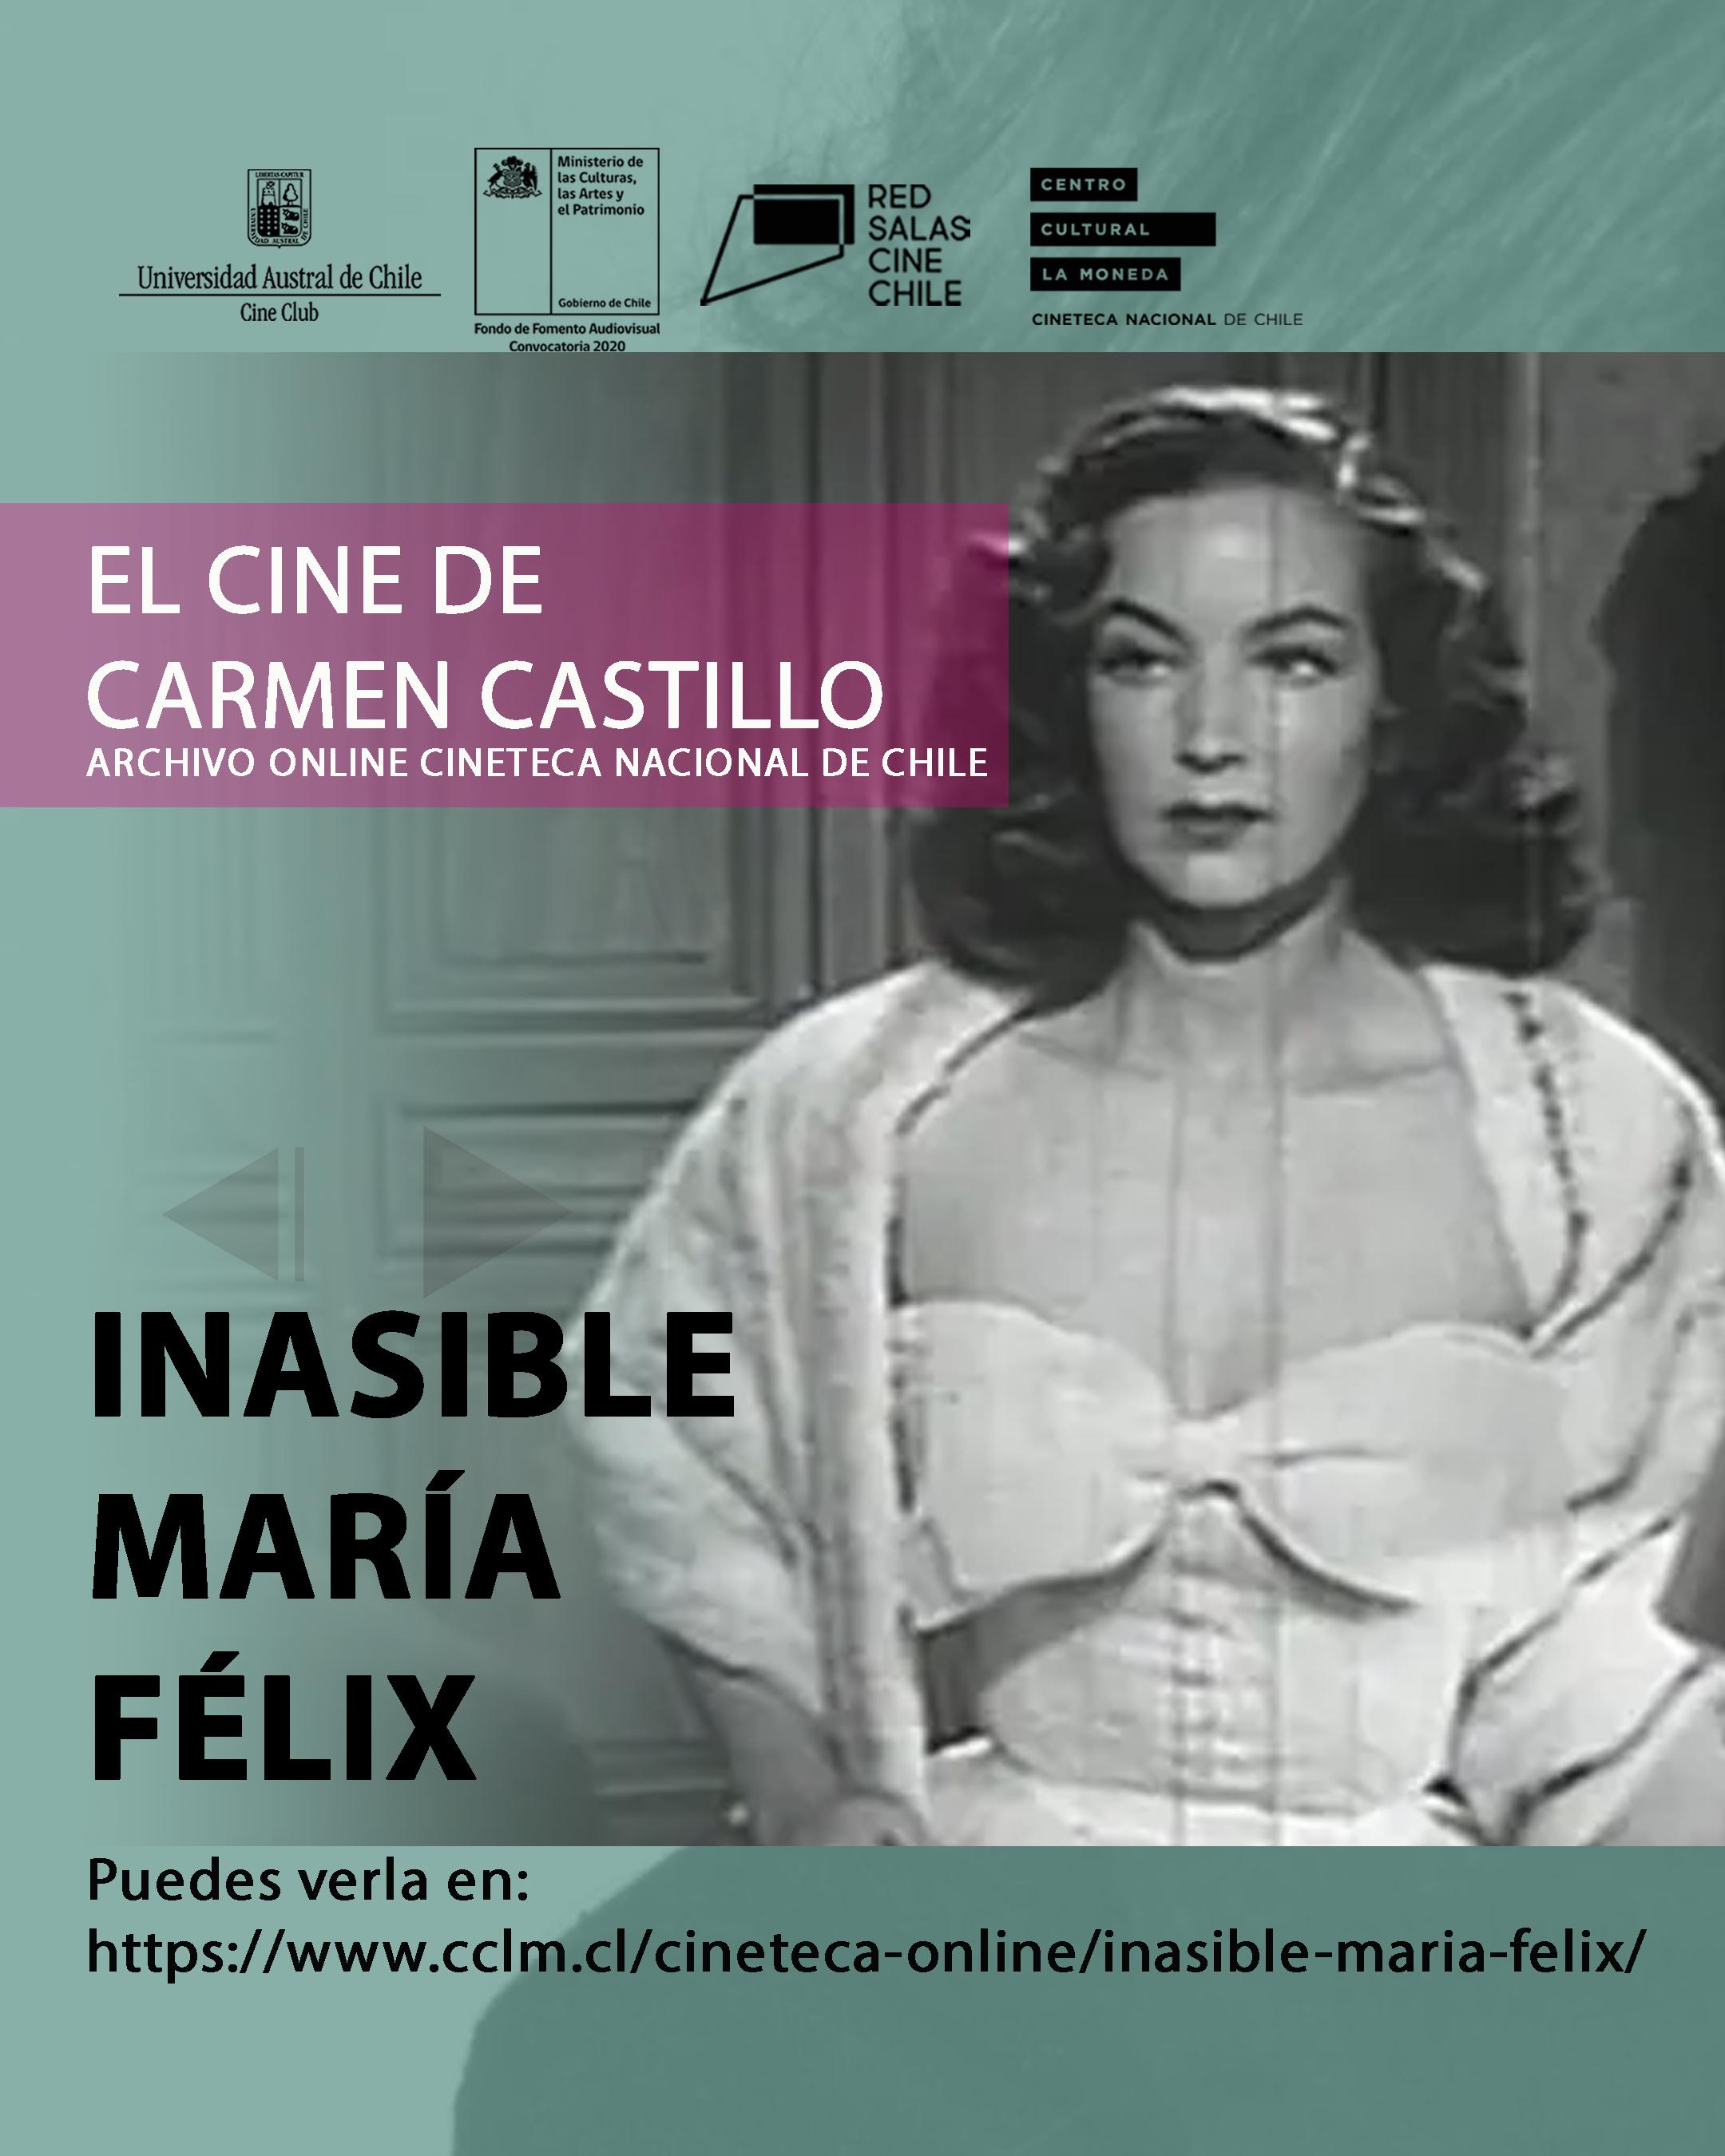 Inasible María Félix